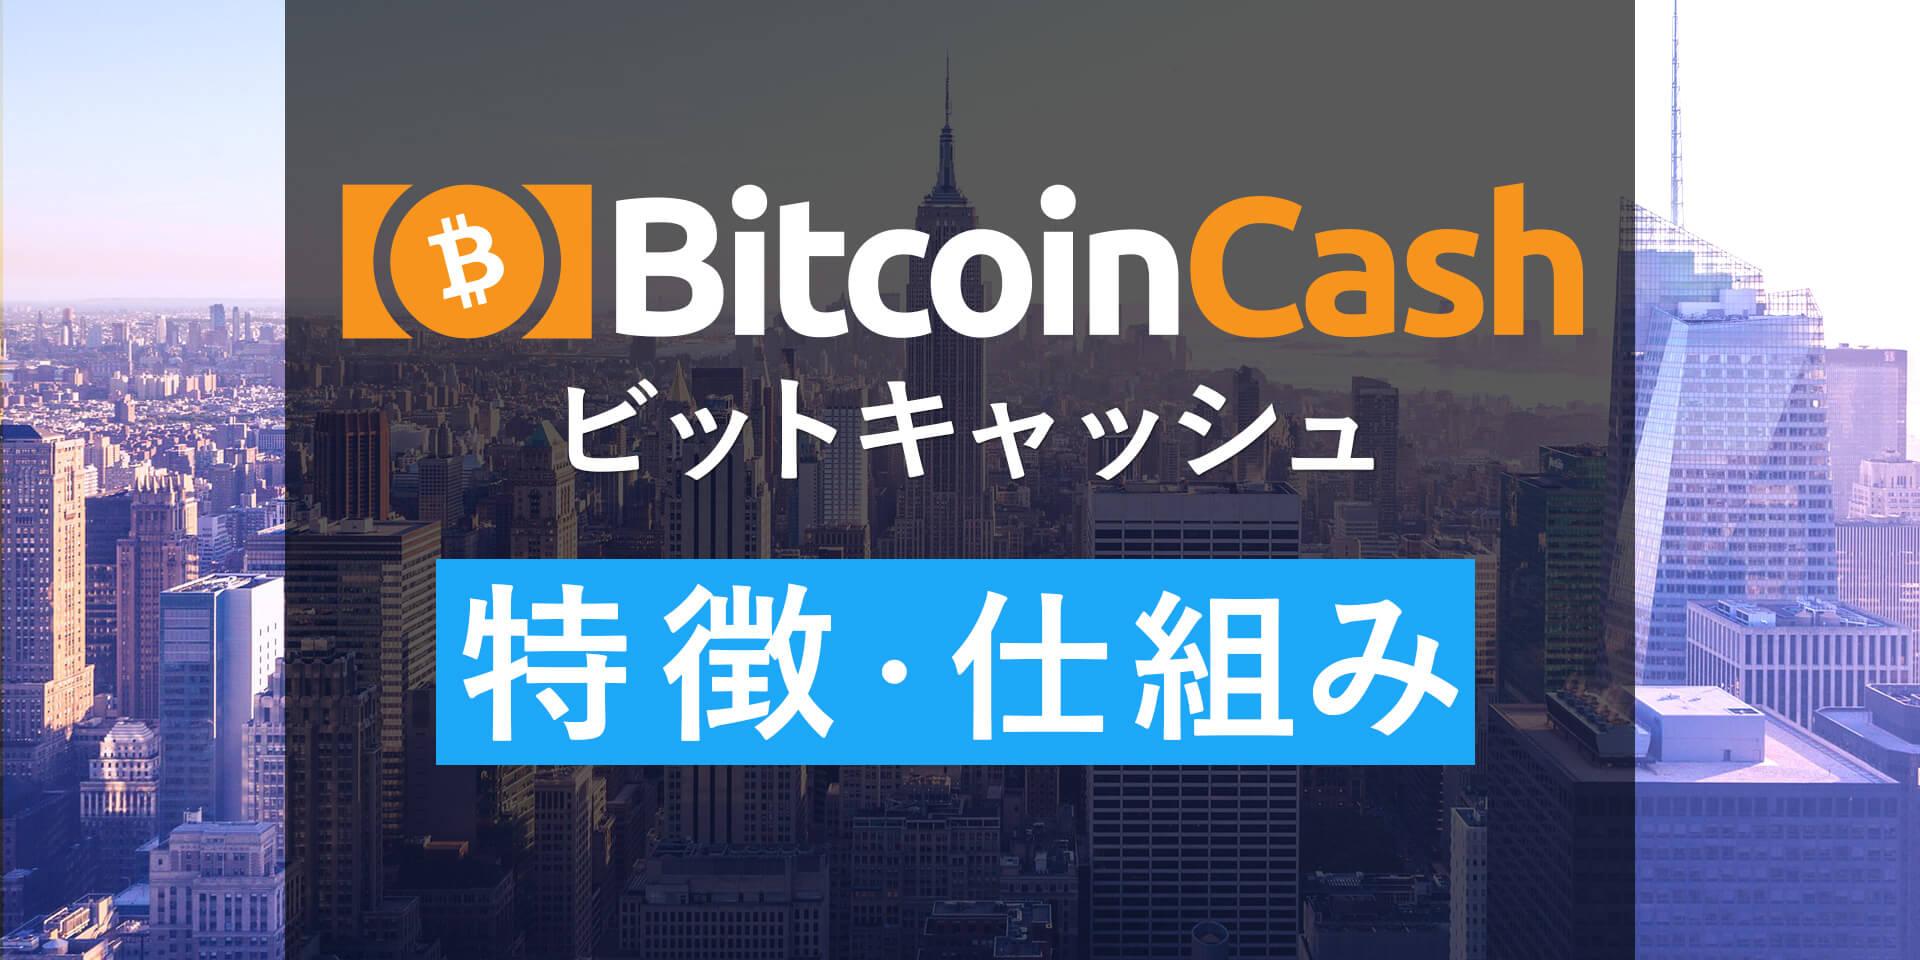 ビットコインキャッシュ(Bitcoin Cash)とは?スケーラビリティ問題解決のために開発された仮想通貨を徹底解説!